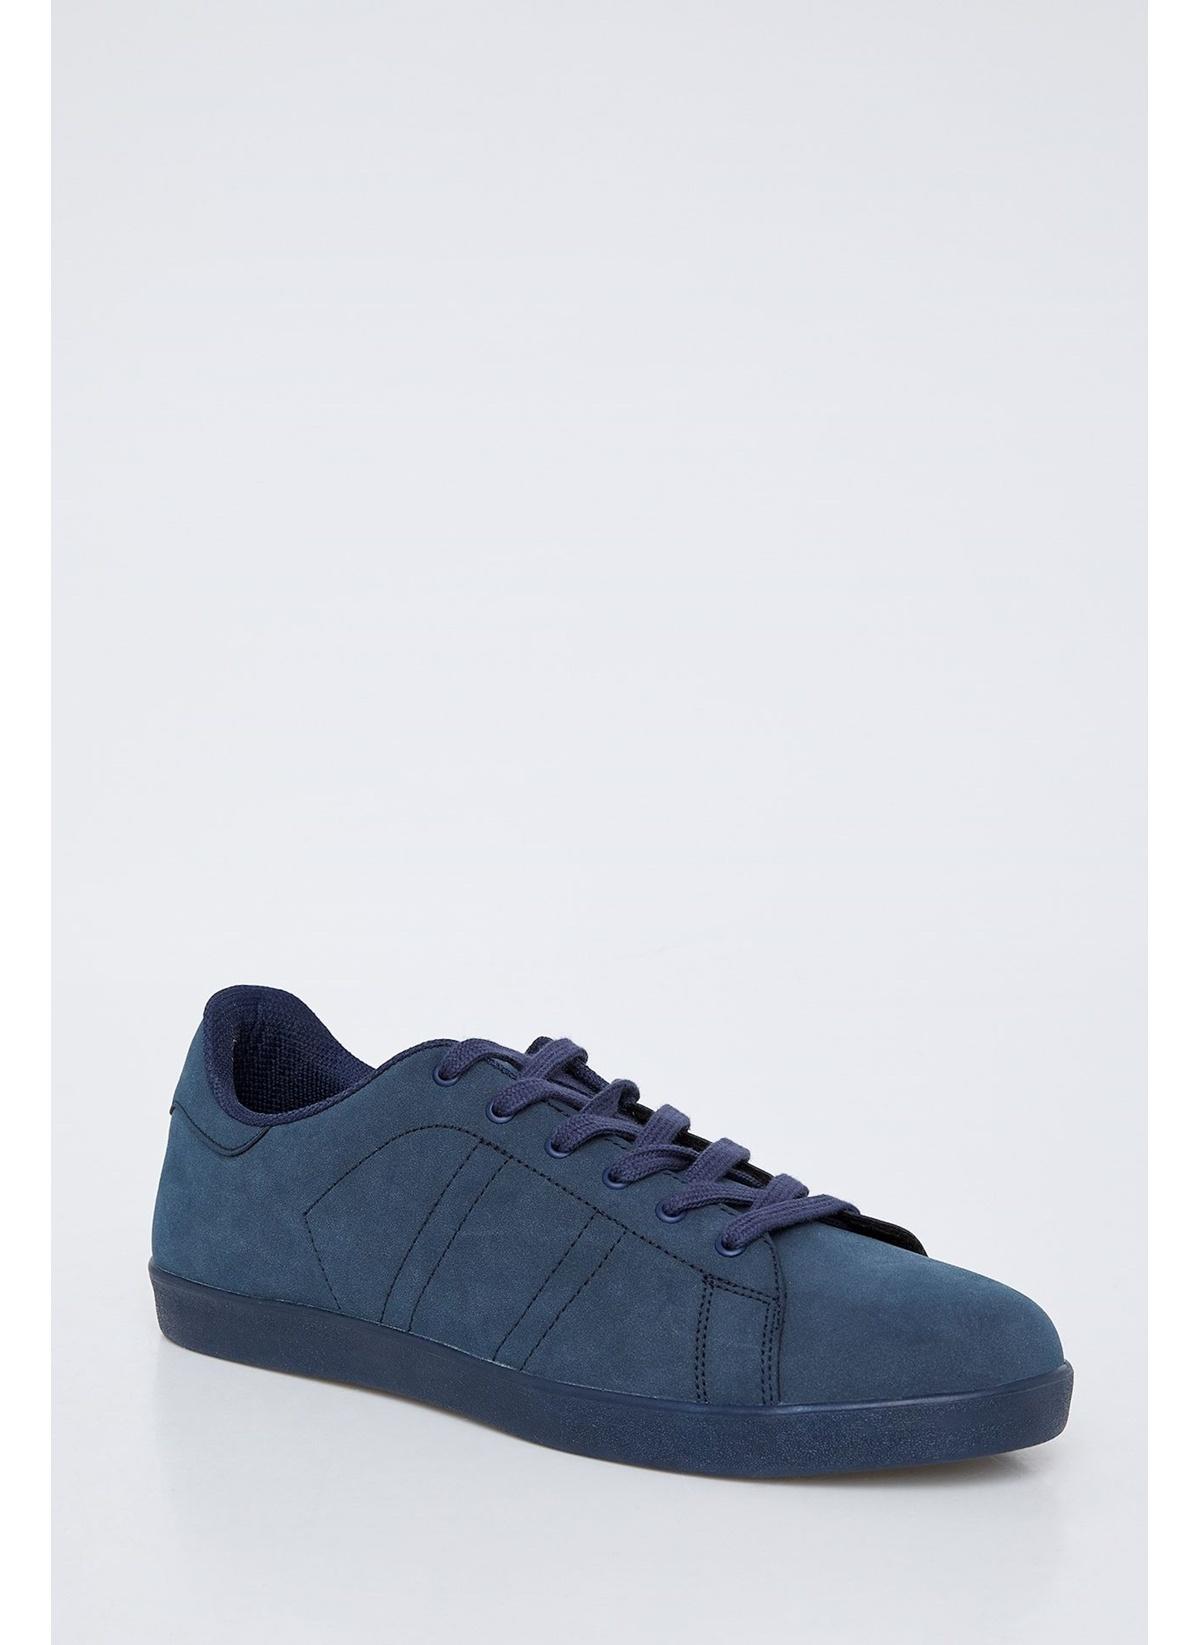 Defacto Bağcıklı Spor Ayakkabı K5454az19spnv6lifestyle Ayakkabı – 69.99 TL